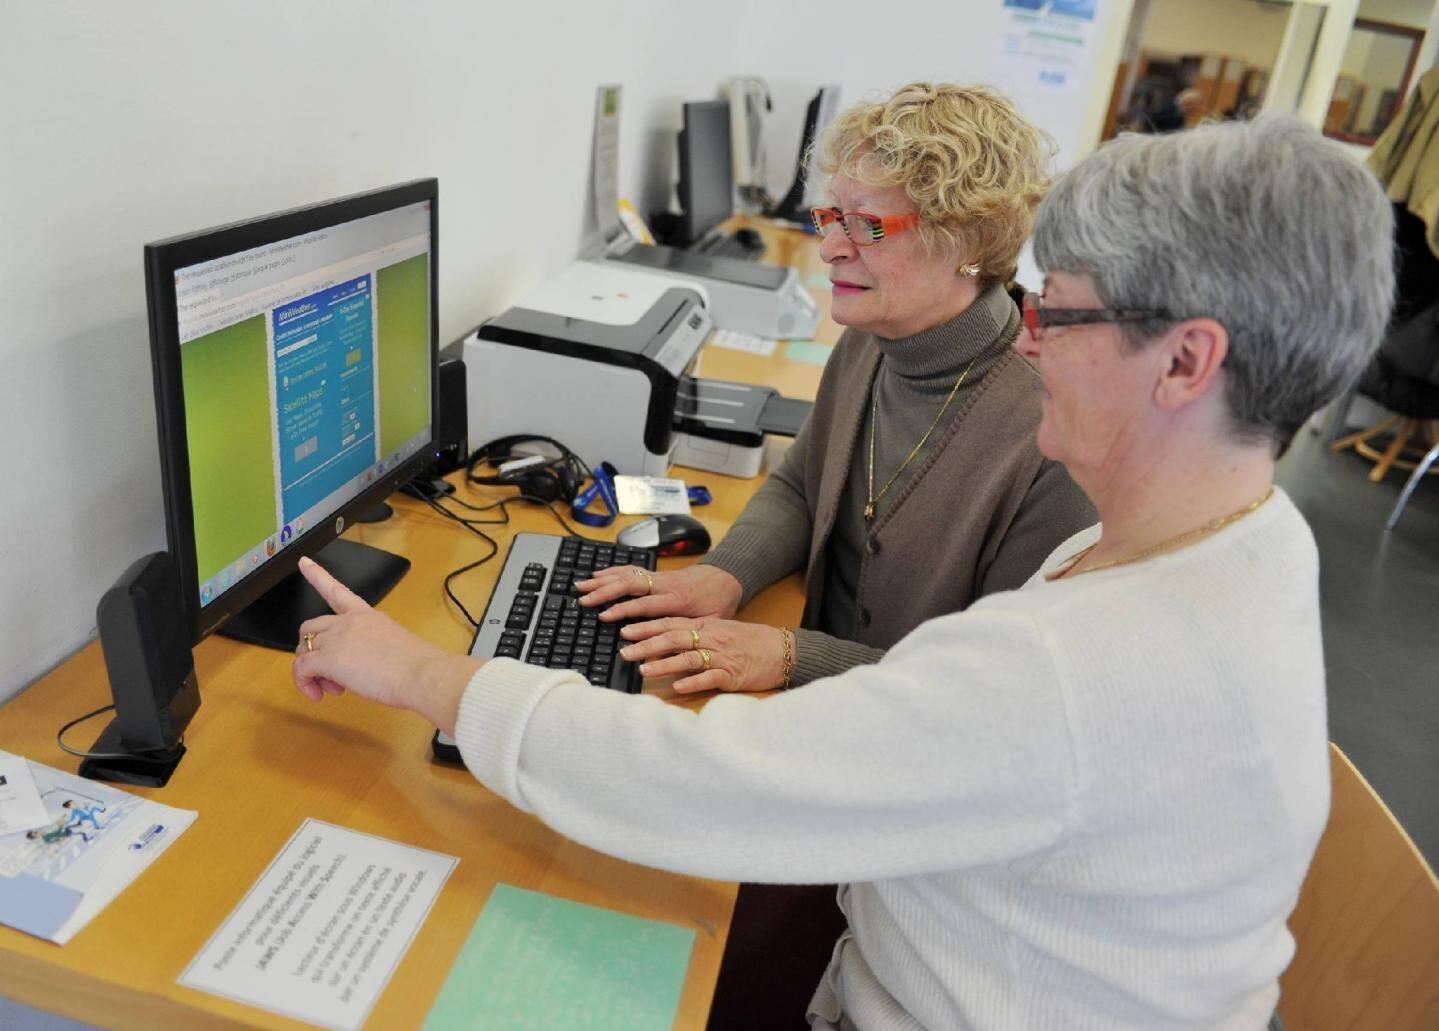 Les ordinateurs de la salle «Lecture pour tous» permettent de lire un texte et même de naviguer sur internet. Aides et conseils sont toujours à portée de main.